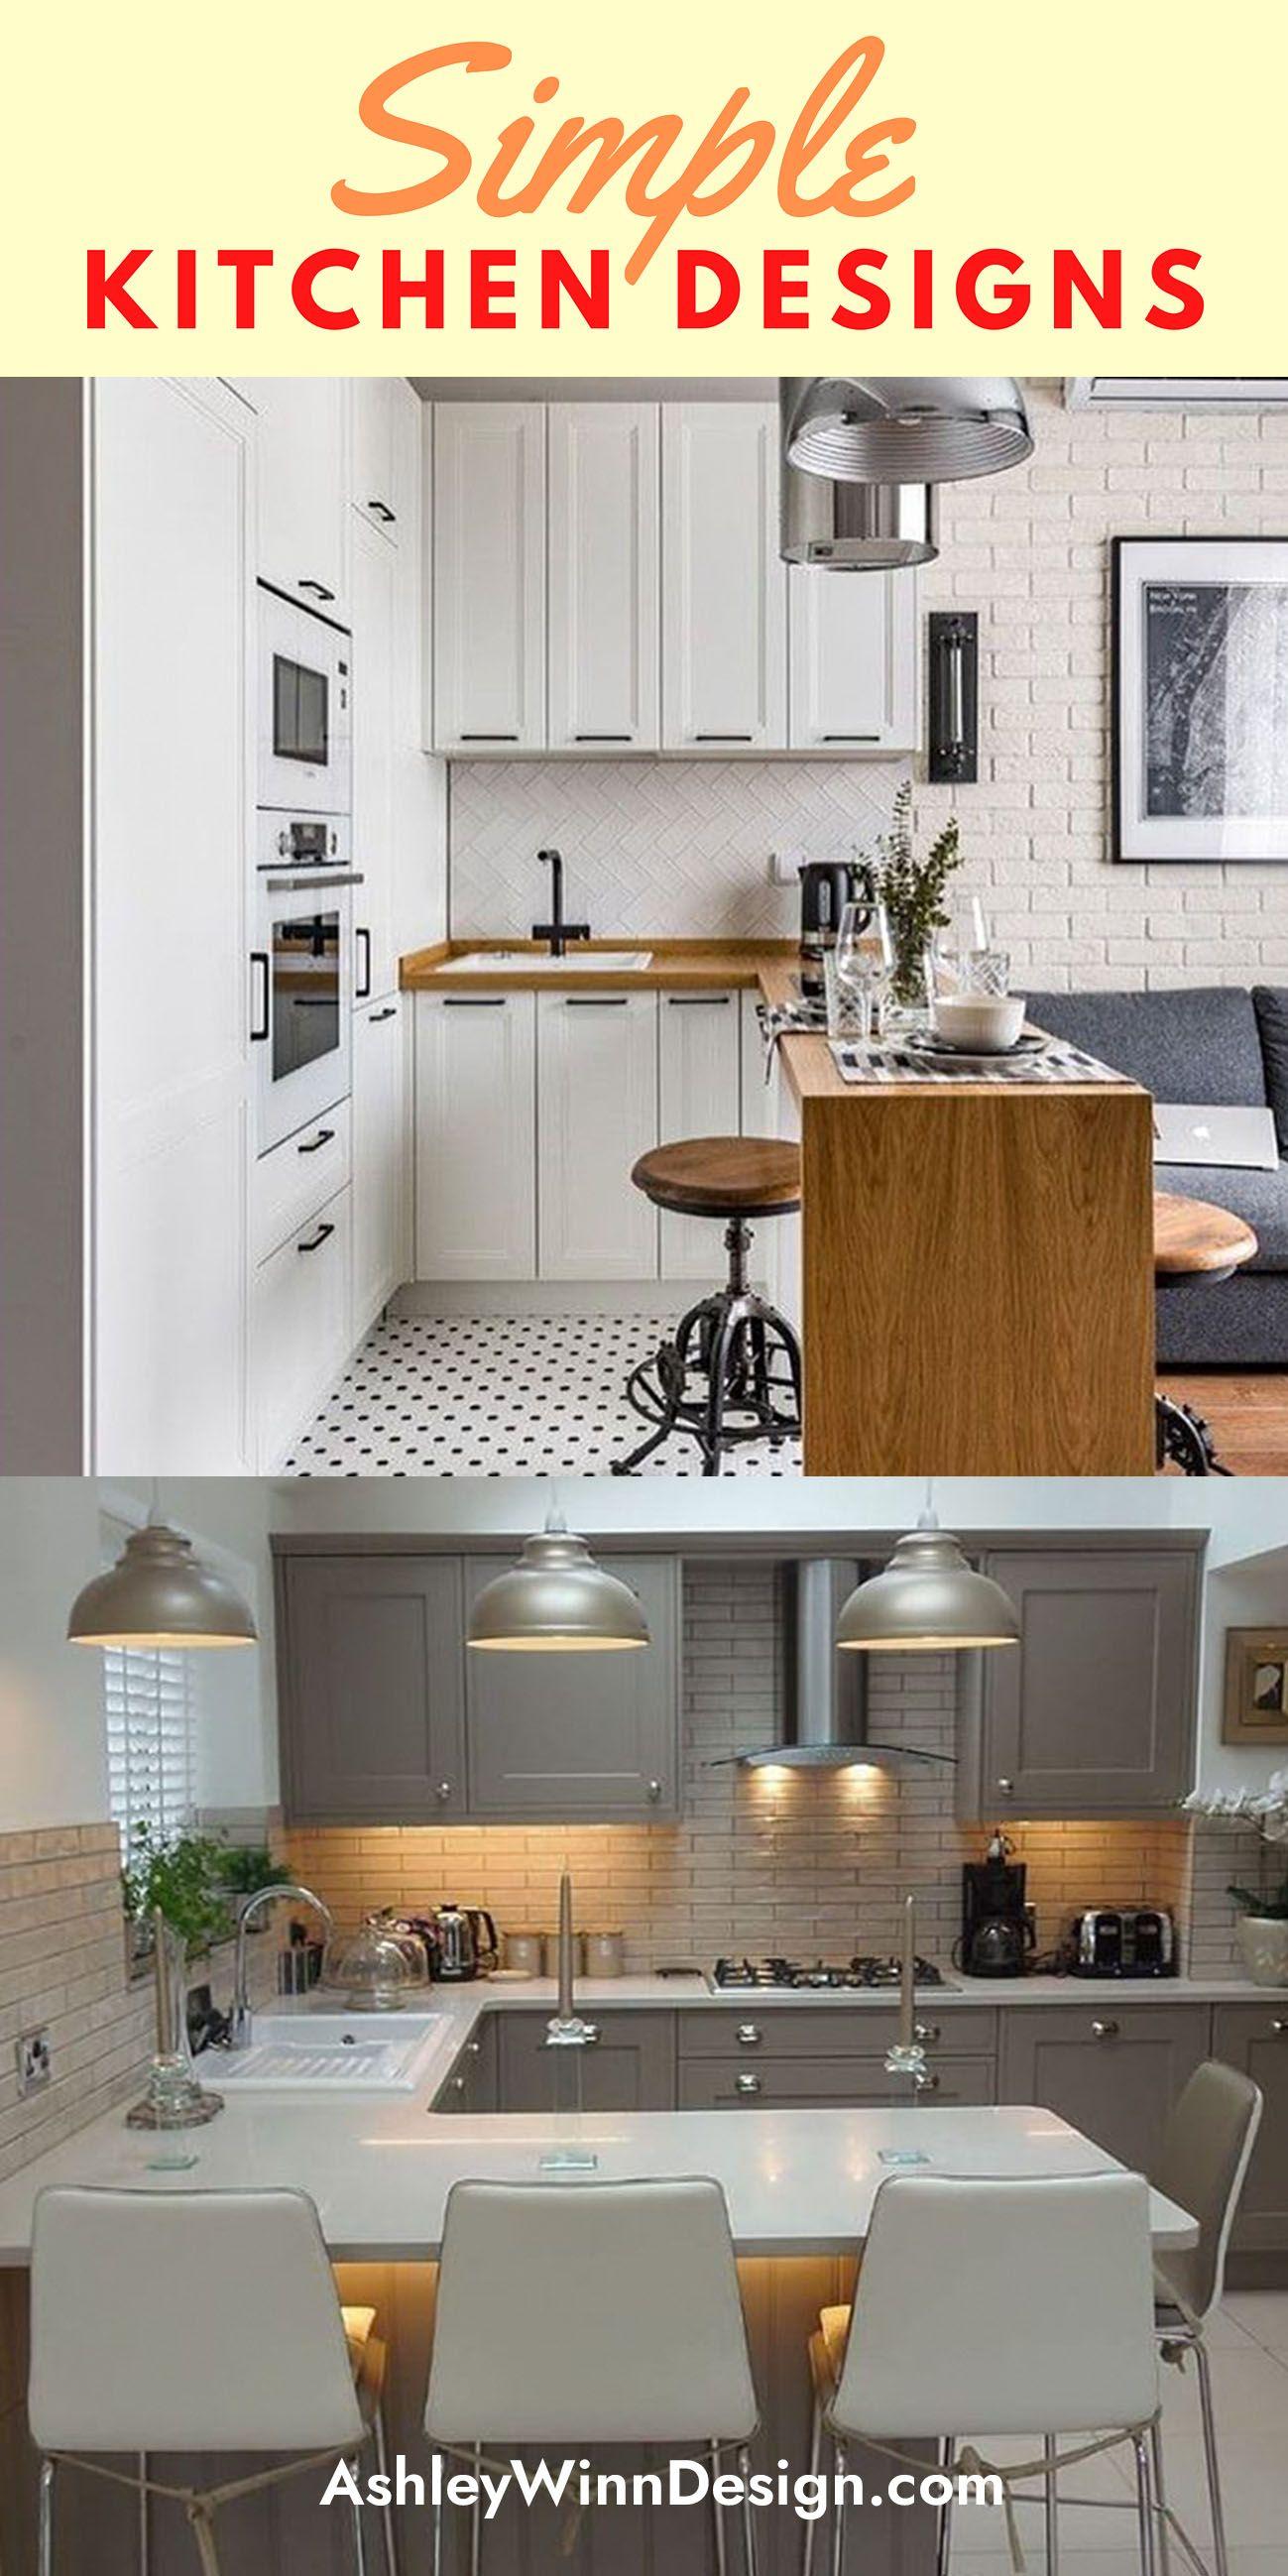 33 Attractive Small Kitchen Design Ideas In 2021 Budget Kitchen Solution Kitchen Design Small Simple Kitchen Design Simple Kitchen